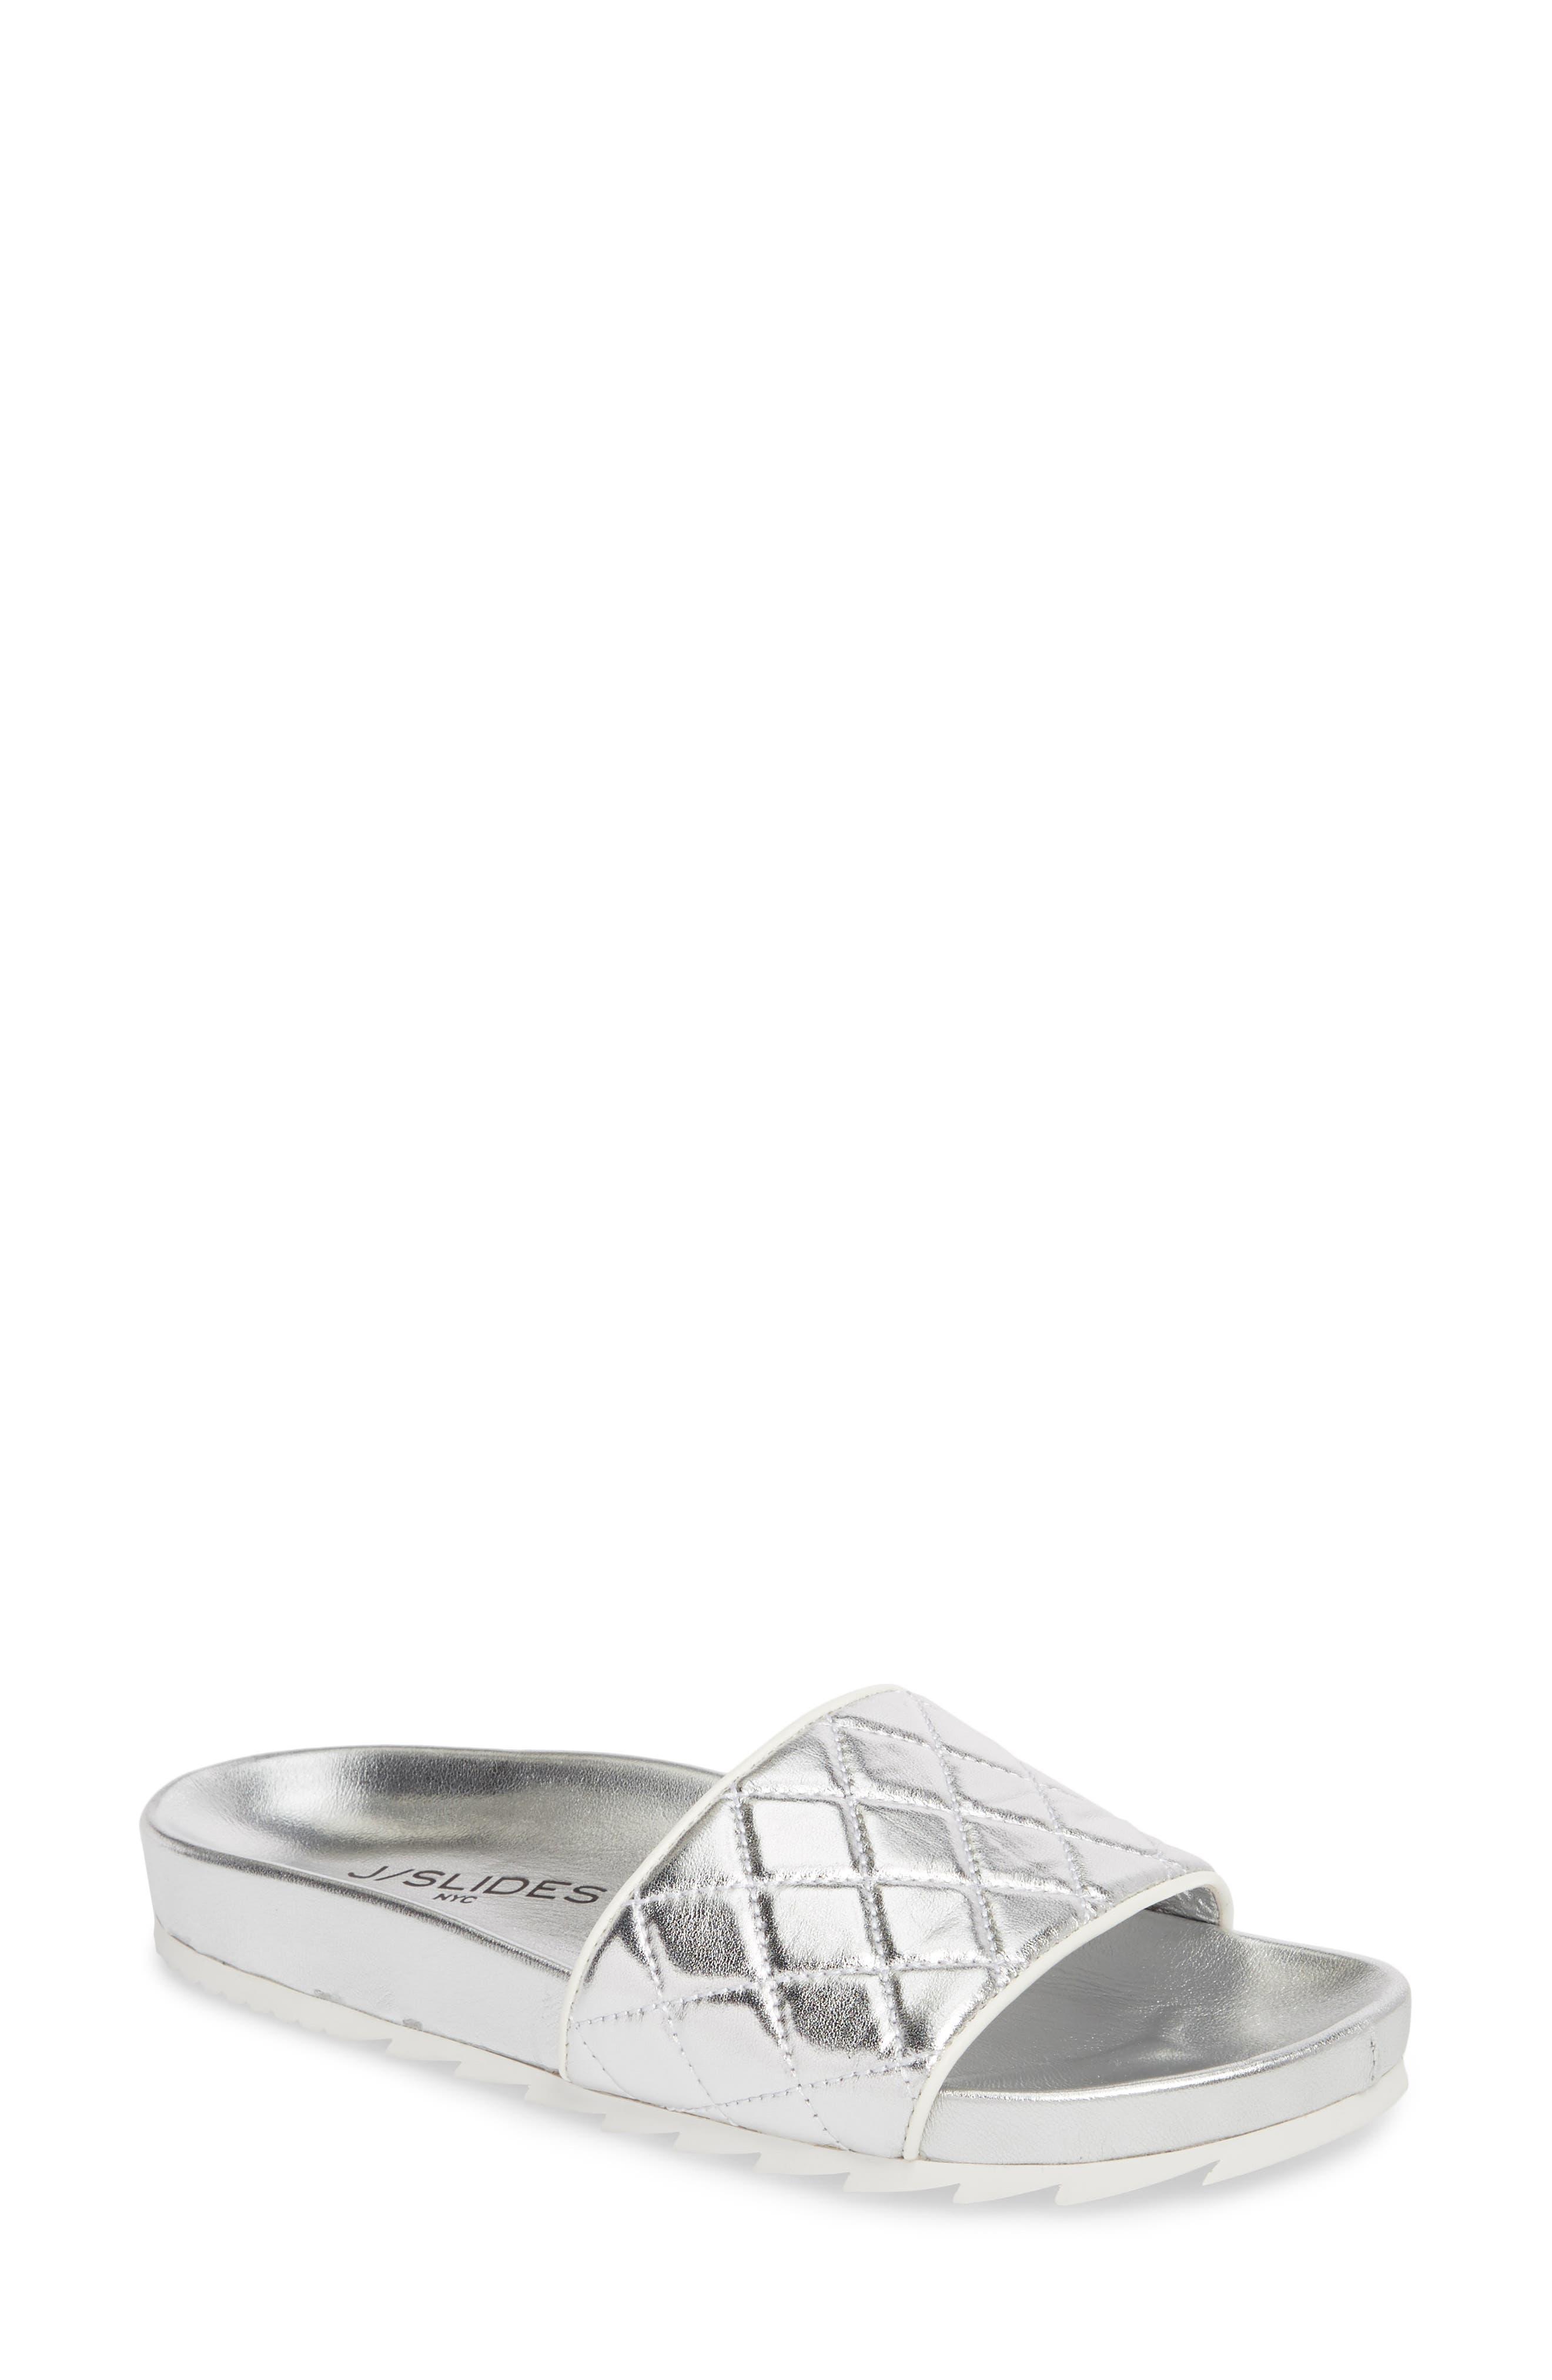 Jslides Edge Slide Sandal, Metallic